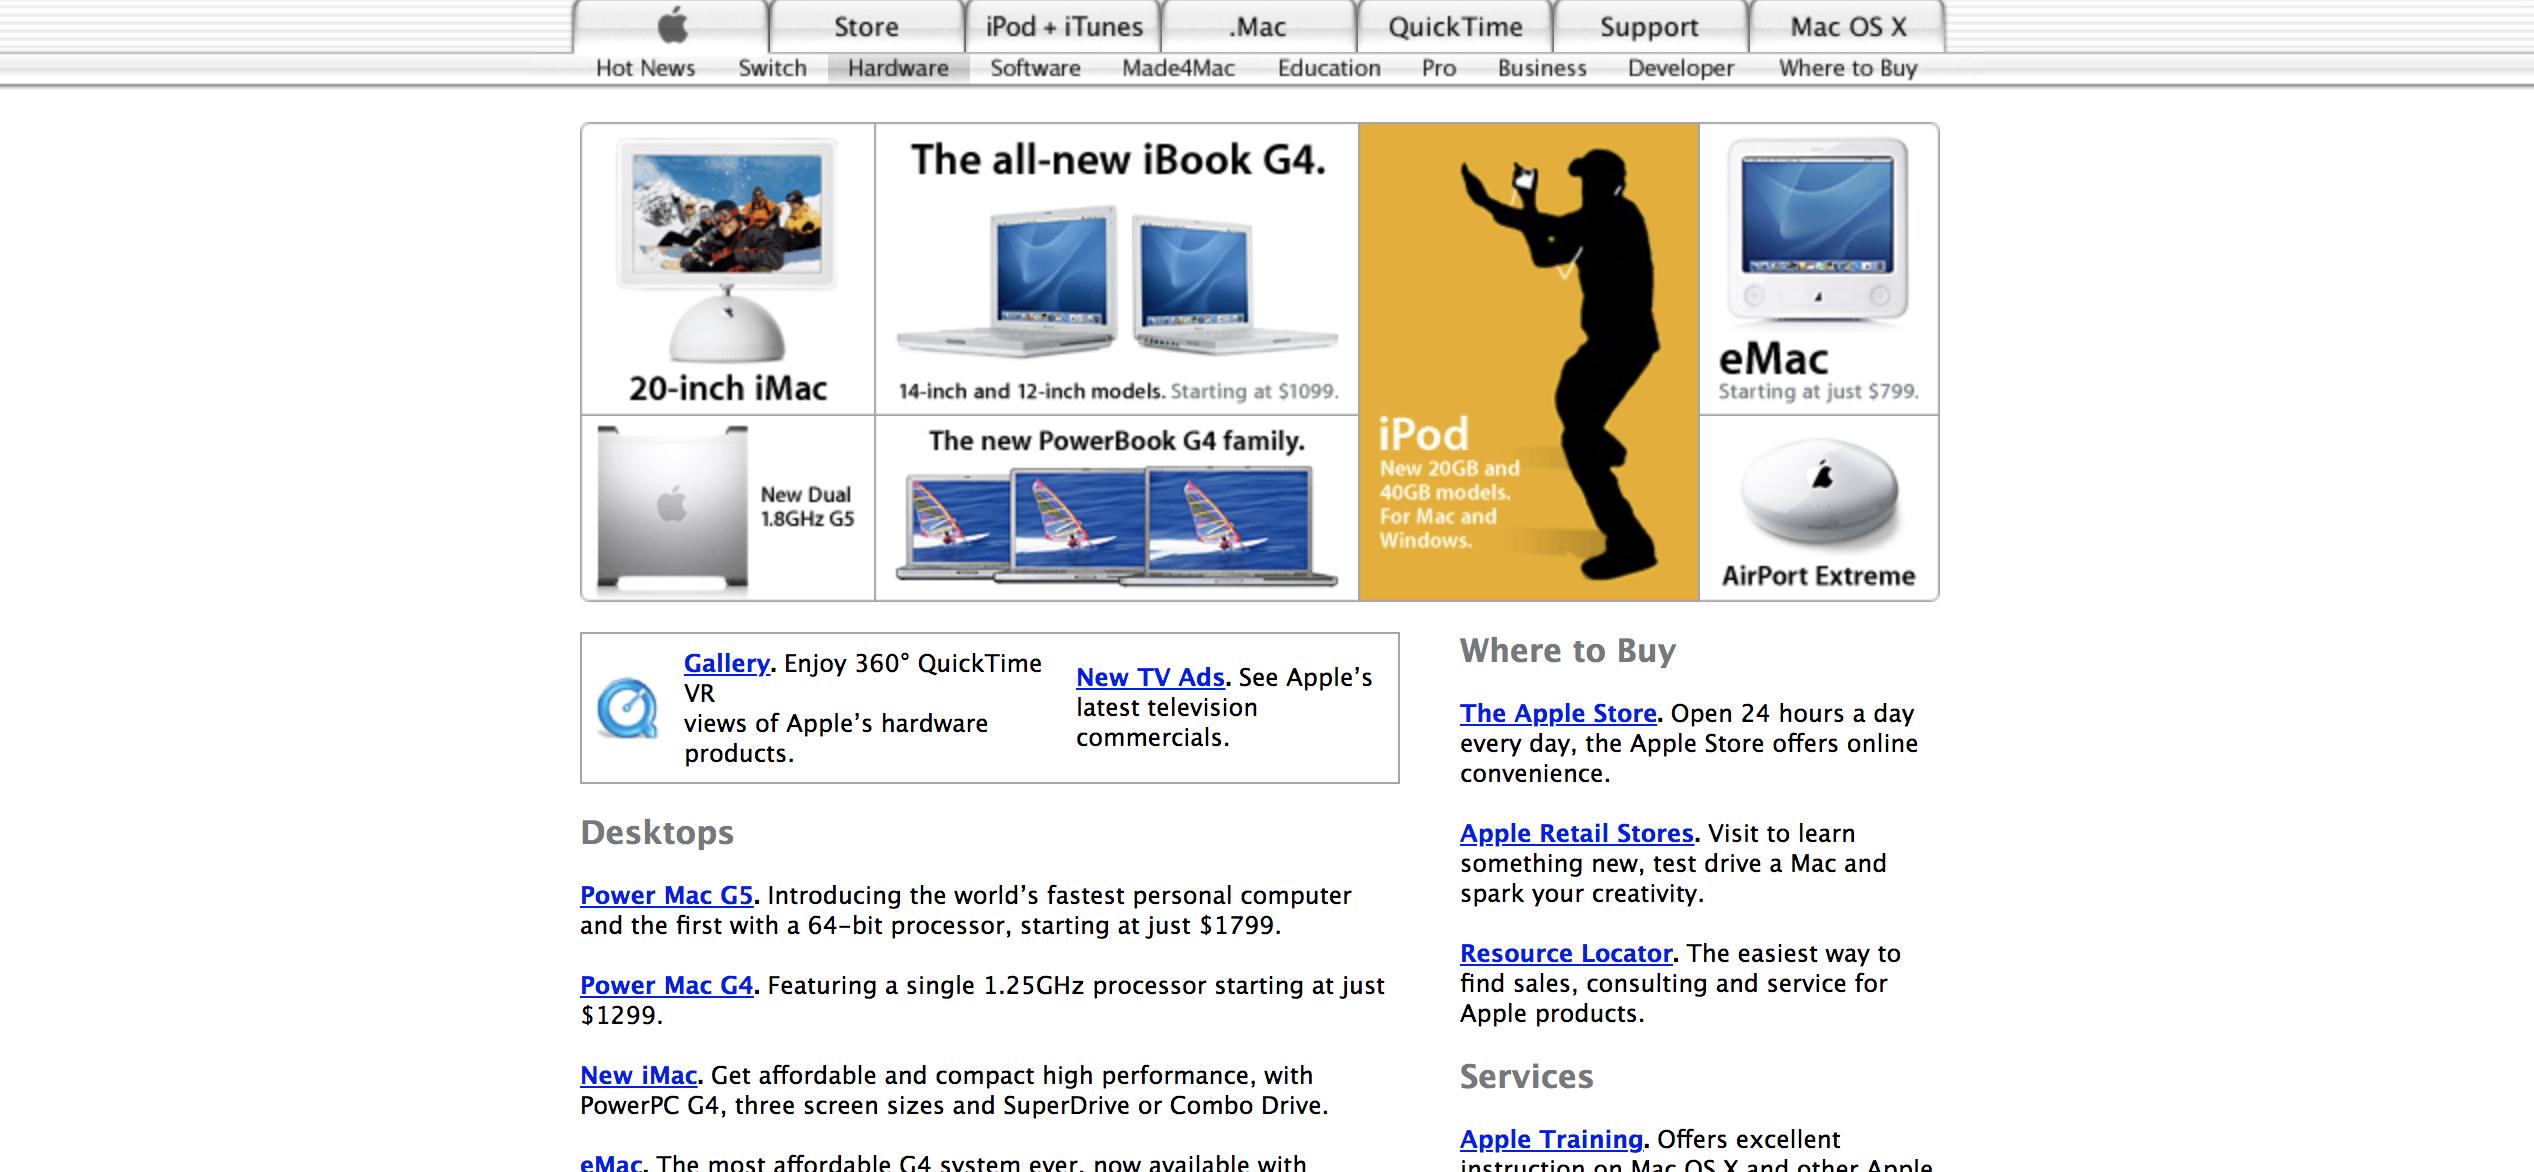 官网截图详细介绍,带你回顾2000-2006年的Apple Mac产品(中,2002年、2003年、2004年)